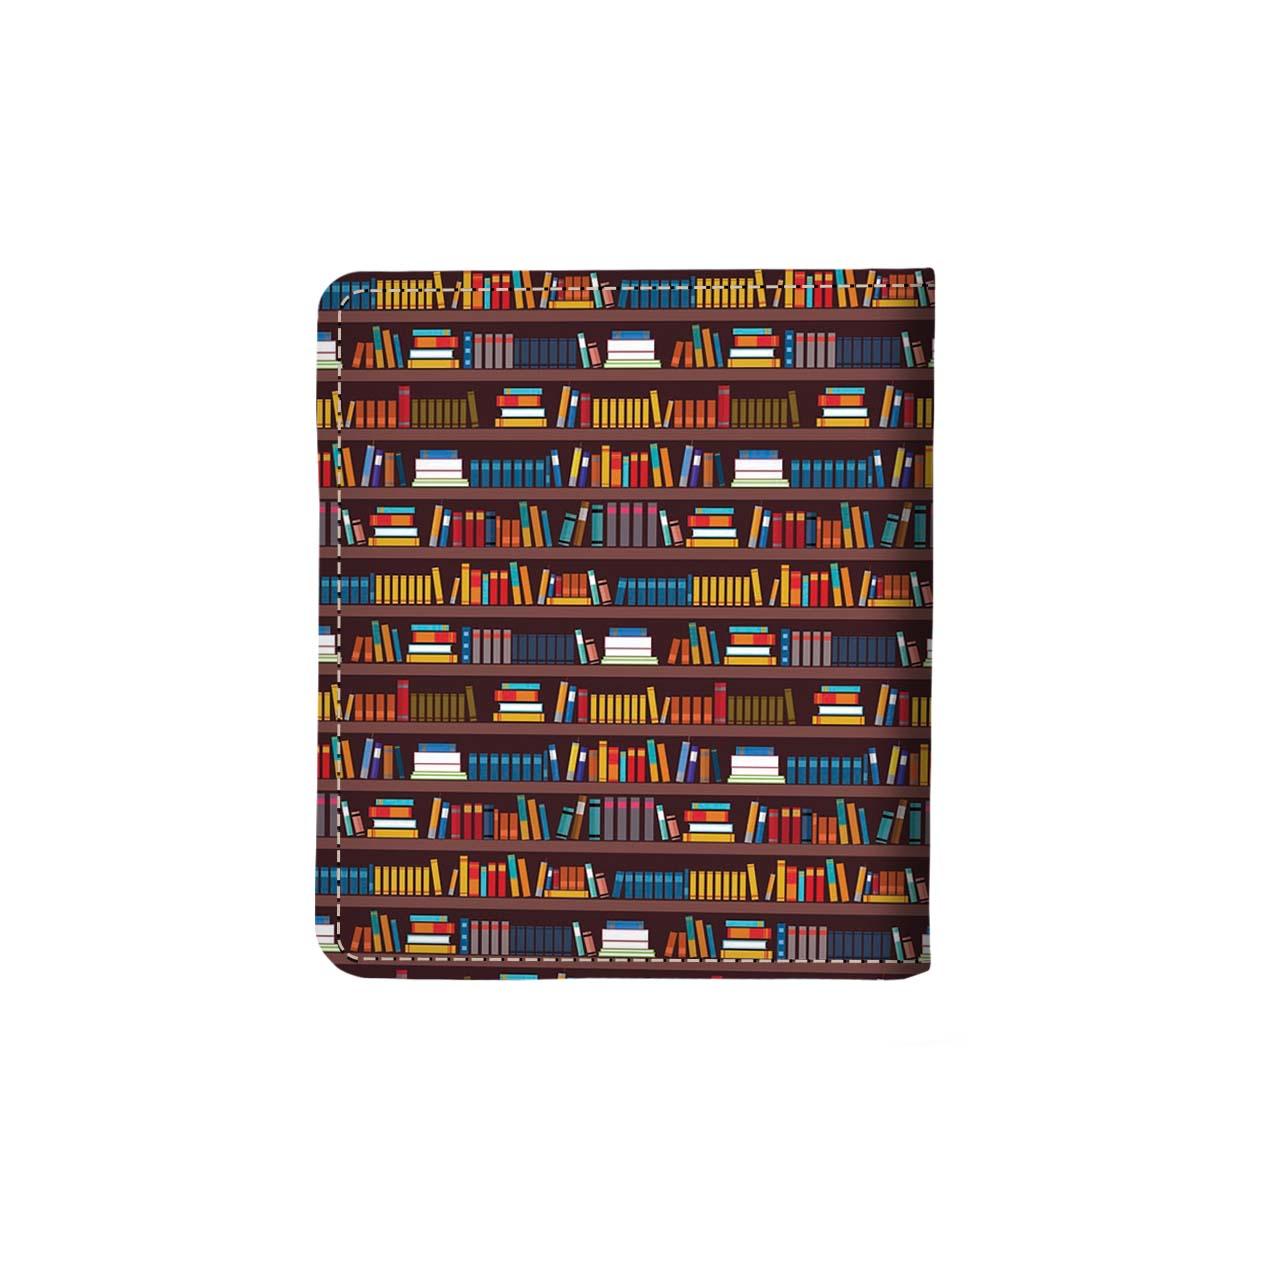 دفتر یادداشت ترمه گرافیک طرح کتابخانه 1